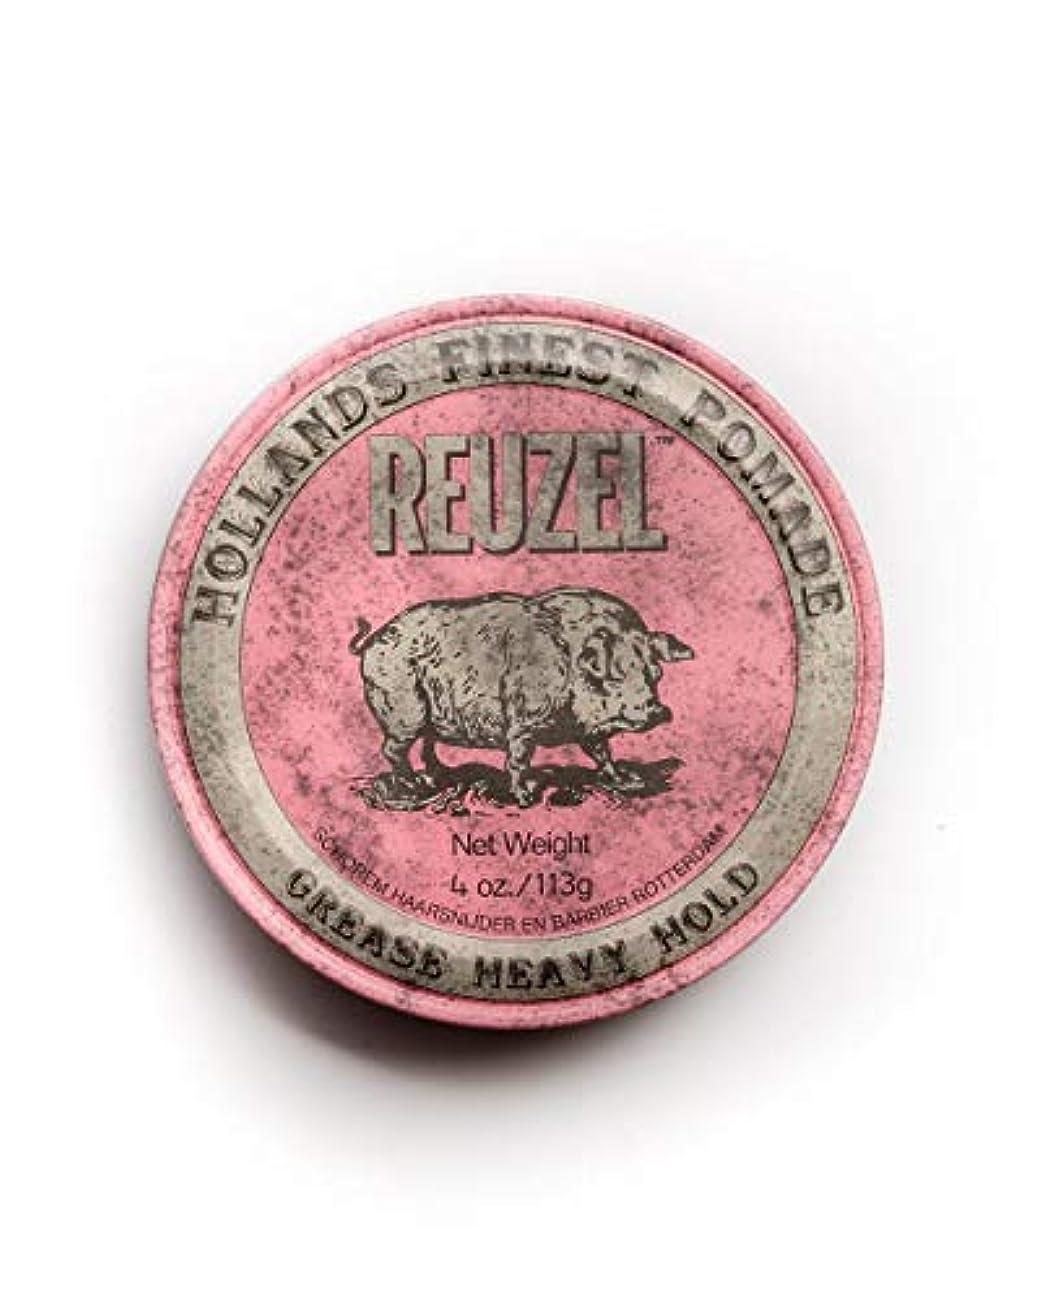 凝縮する悪意楽観ルーゾー ピンク ヘヴィーホールド ポマード Reuzel Pink Heavy Hold Grease pomade 113 g [並行輸入品]